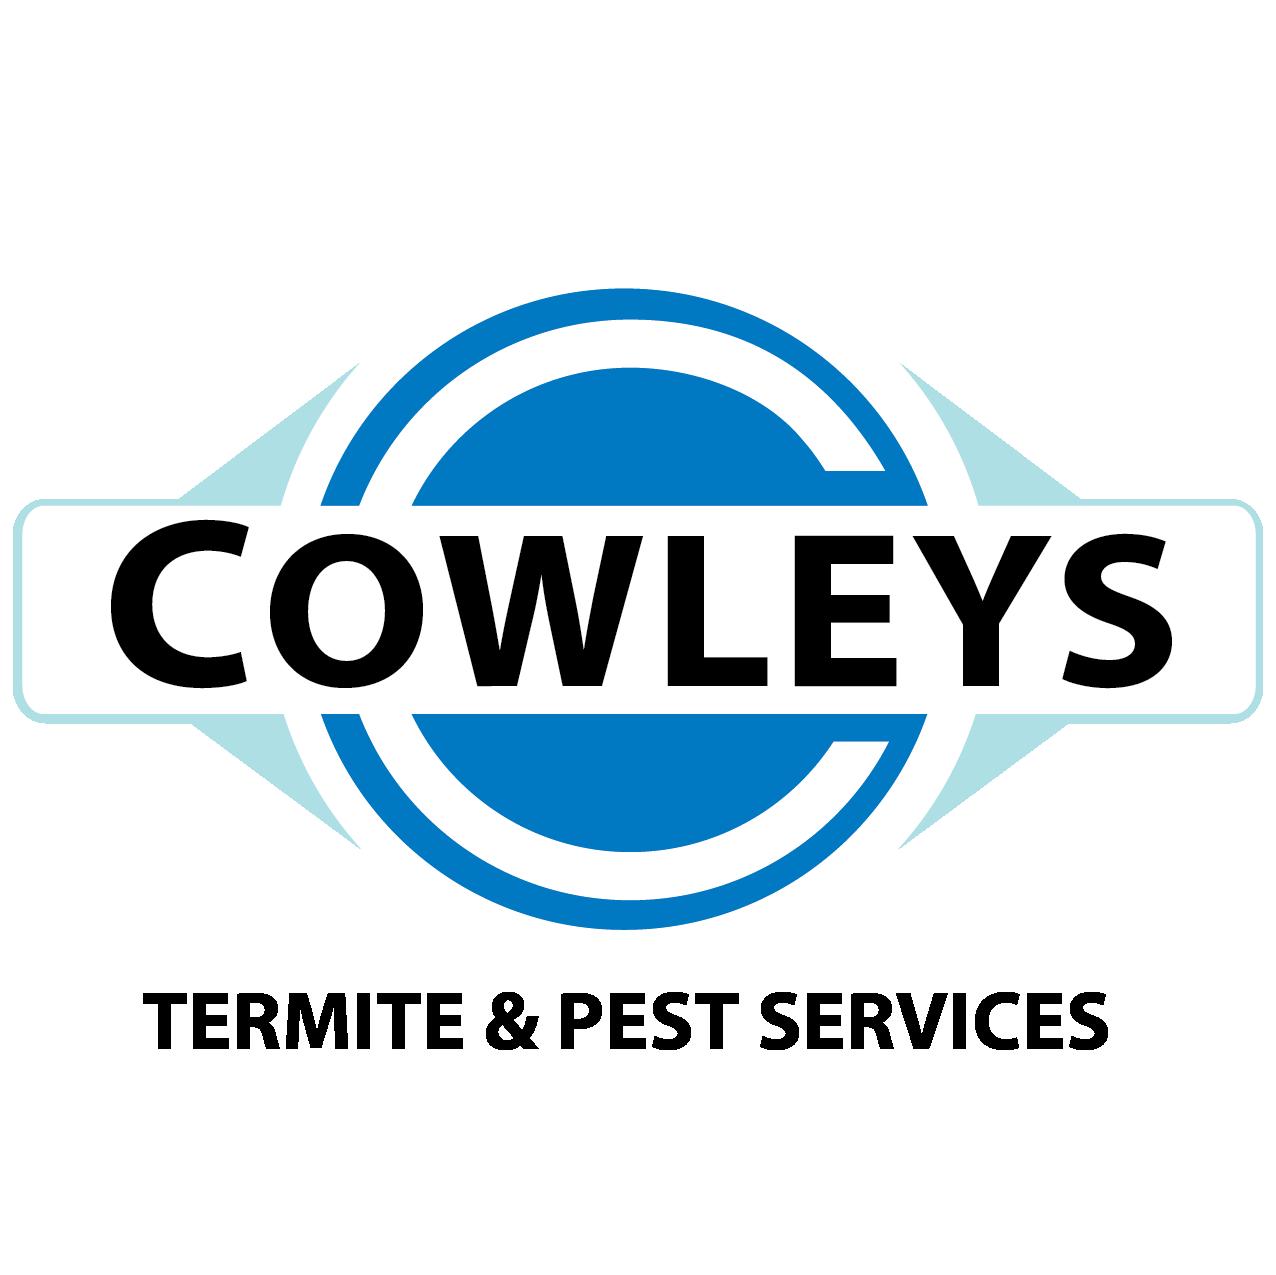 Cowley's Pest Services